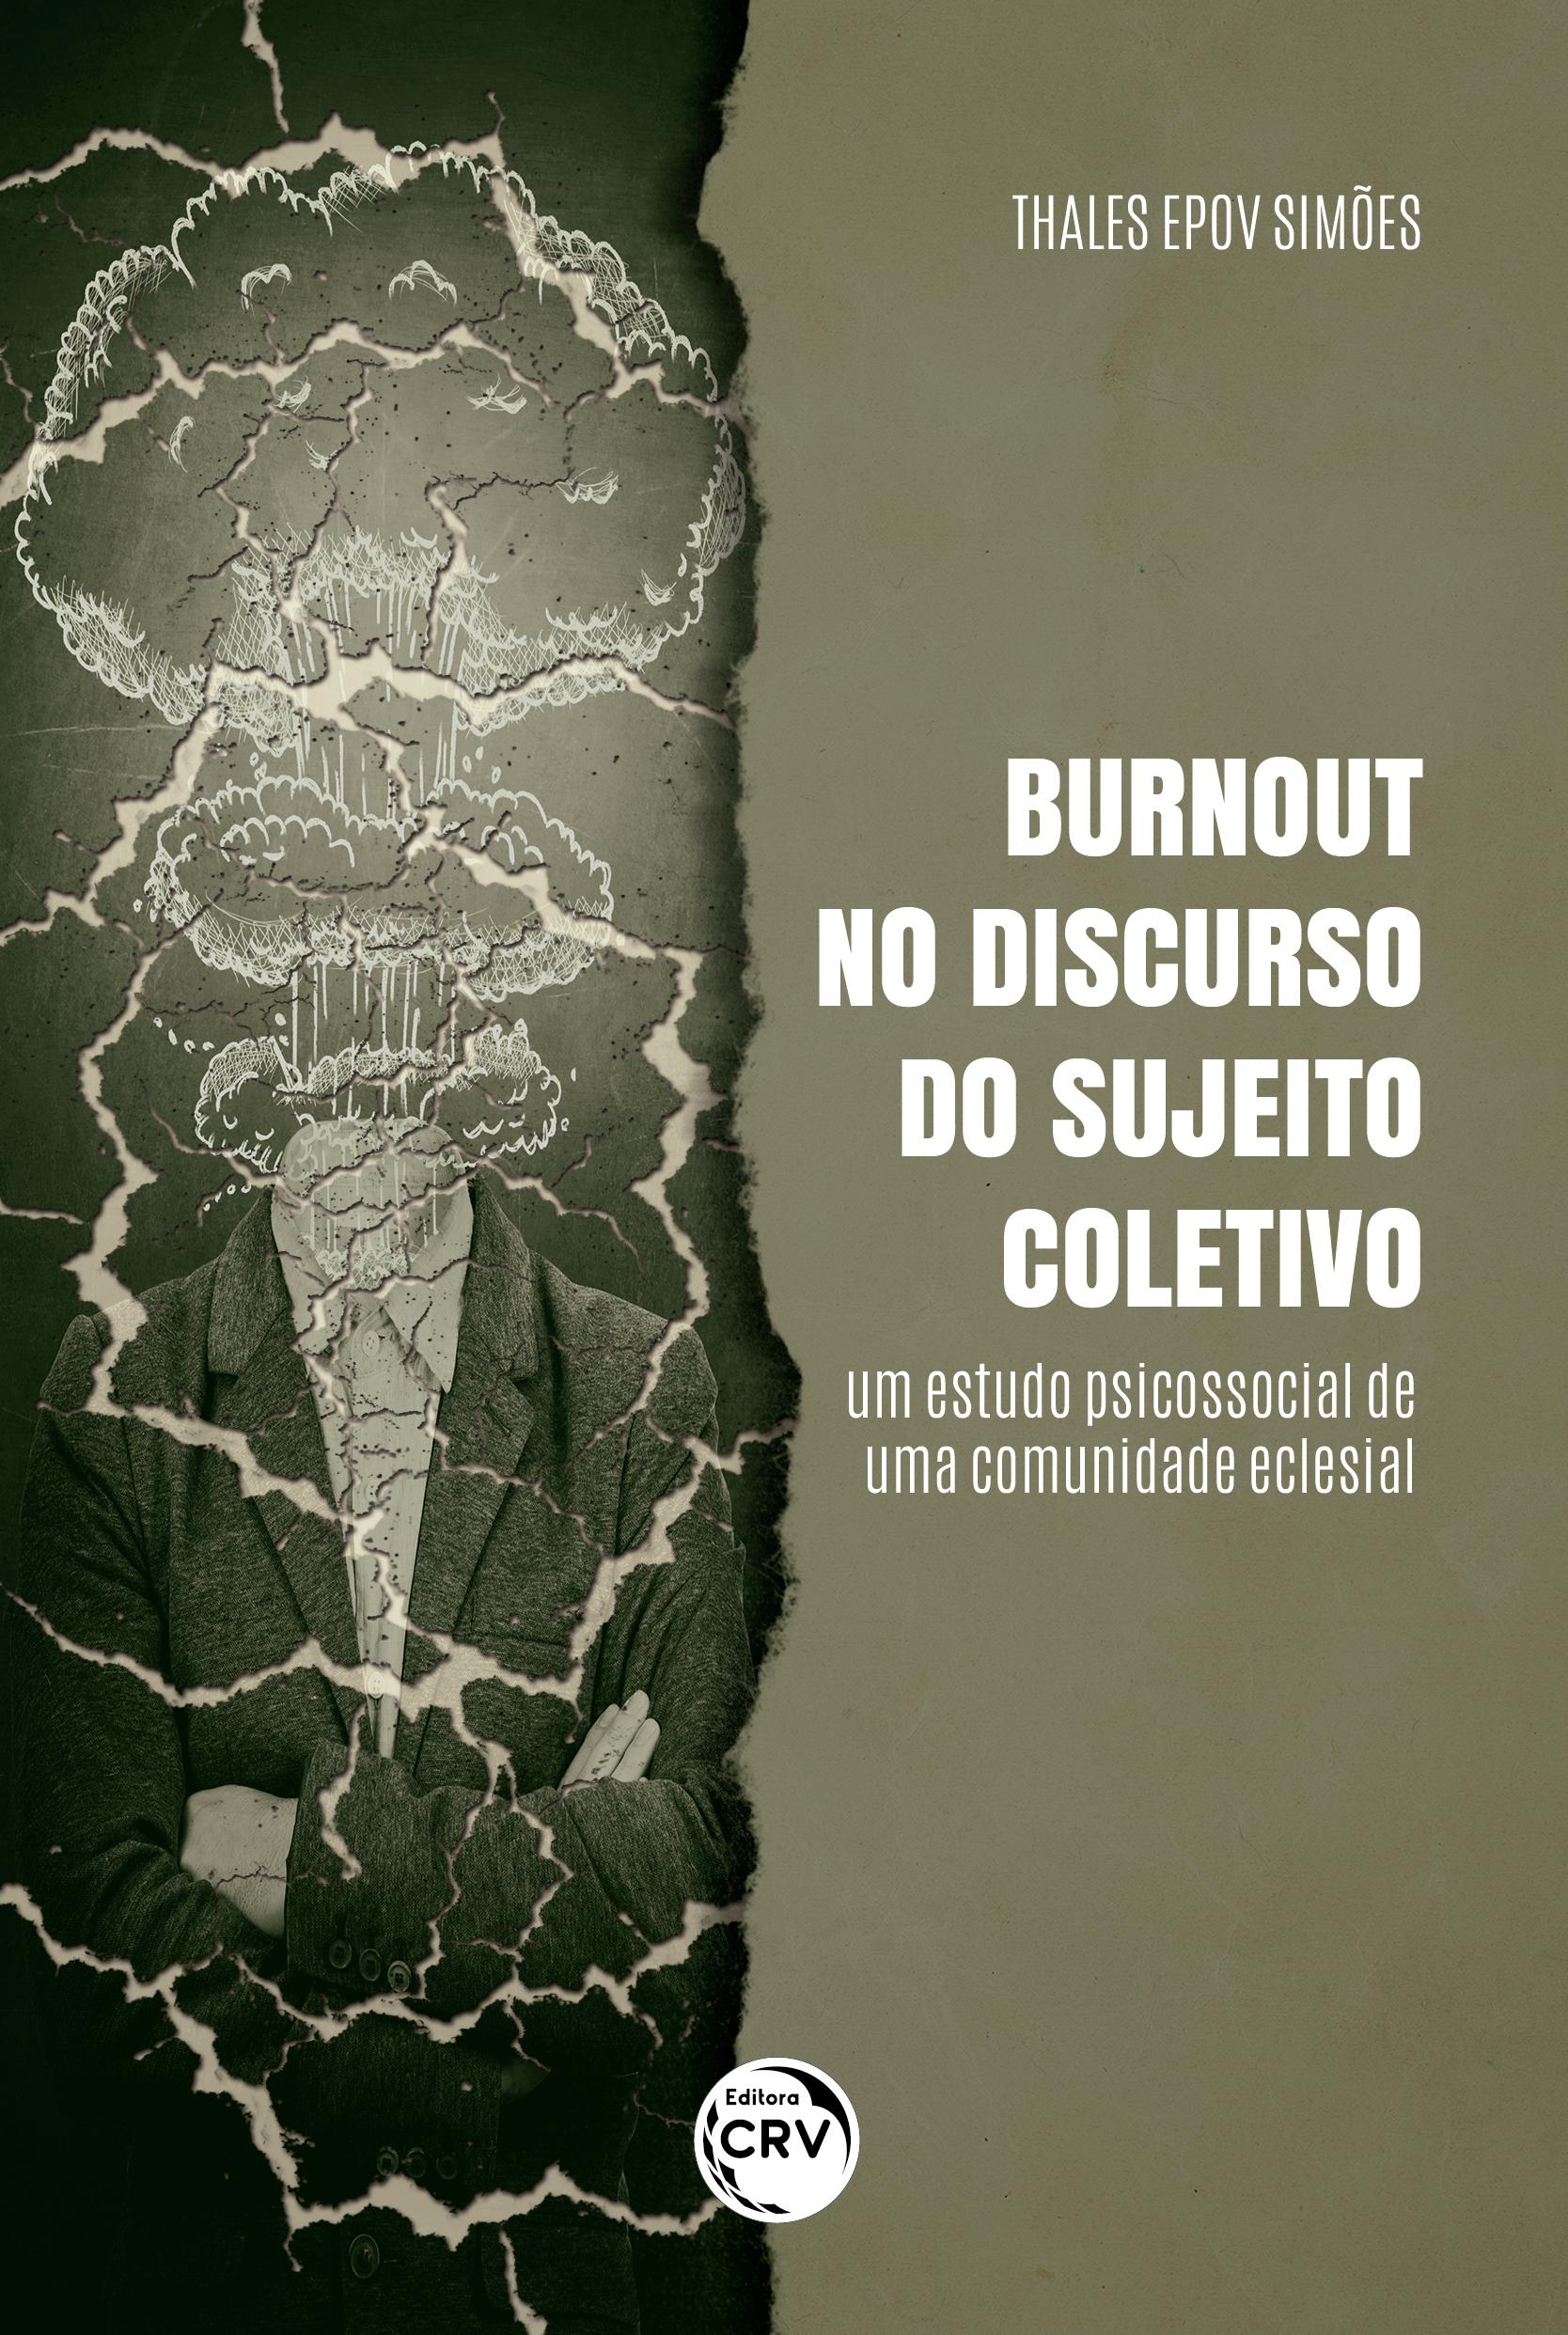 Capa do livro: BURNOUT NO DISCURSO DO SUJEITO COLETIVO:<br> Um estudo psicossocial de uma comunidade eclesial